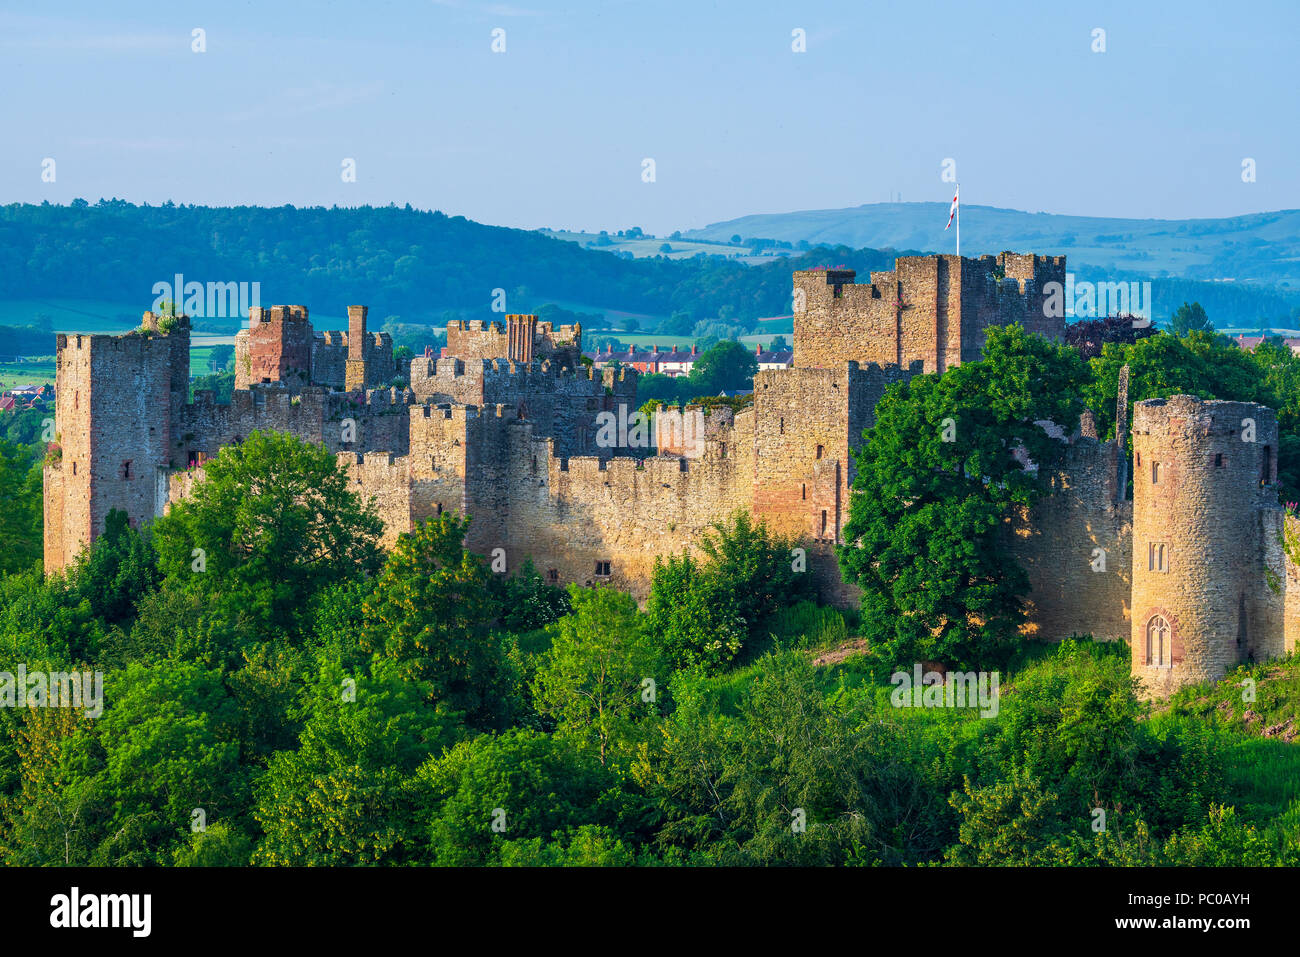 Ludlow Castle, Shropshire, England, United Kingdom, Europe - Stock Image